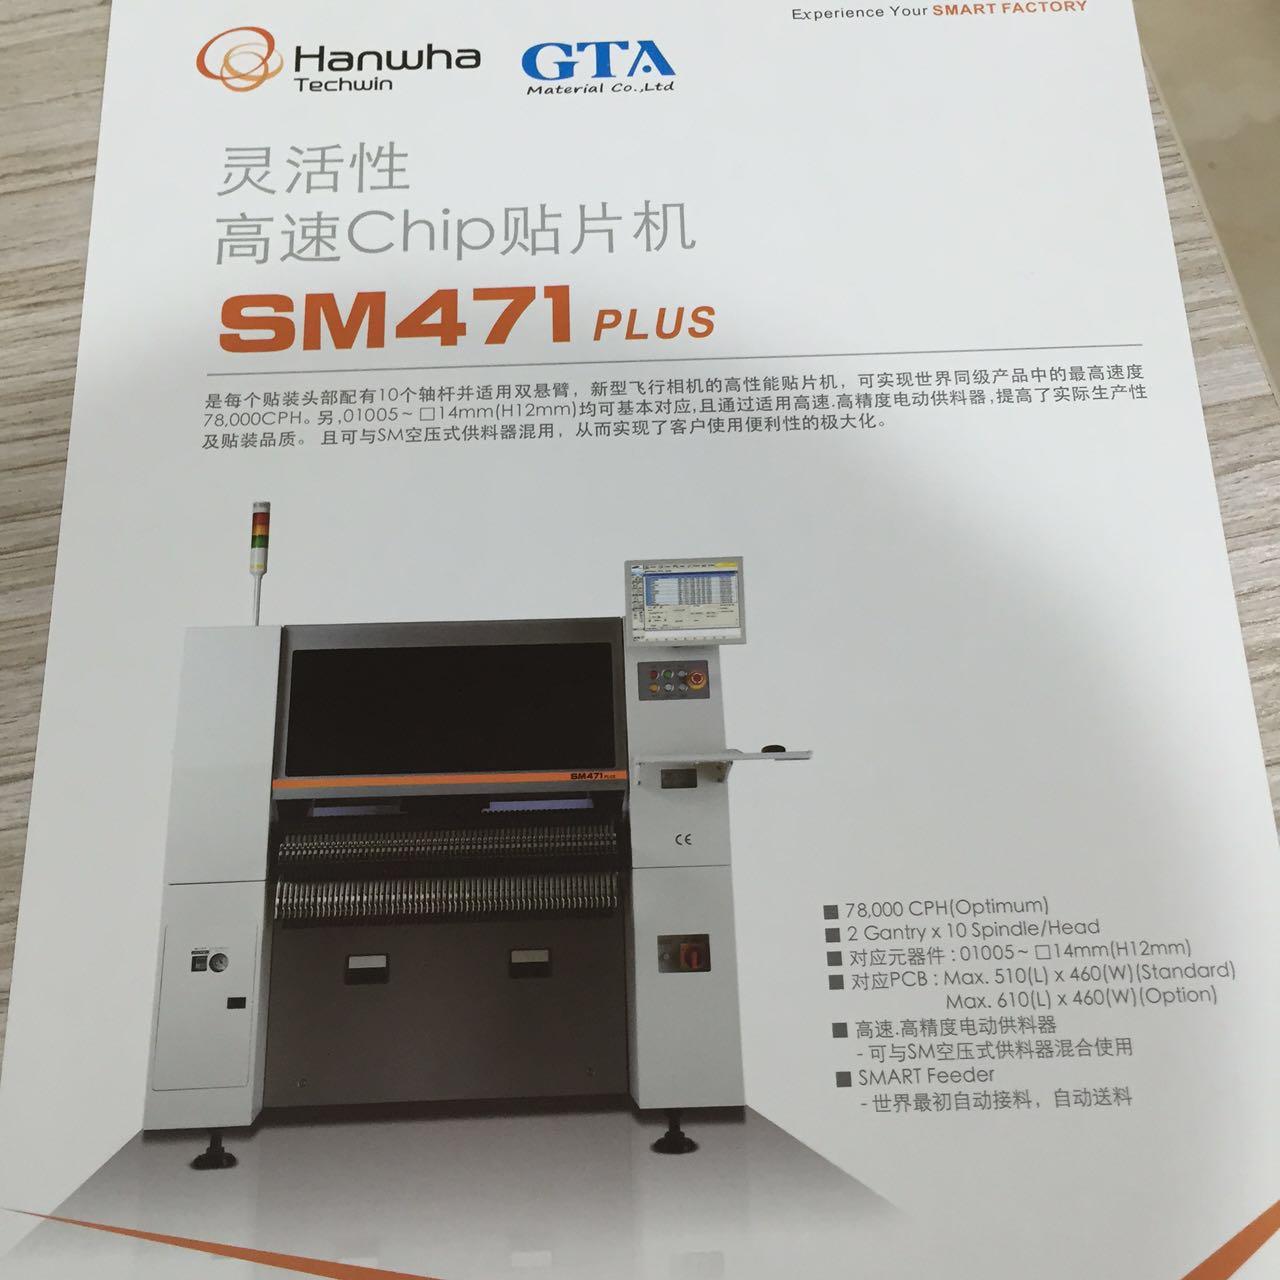 韓華三星貼片機SM471plus